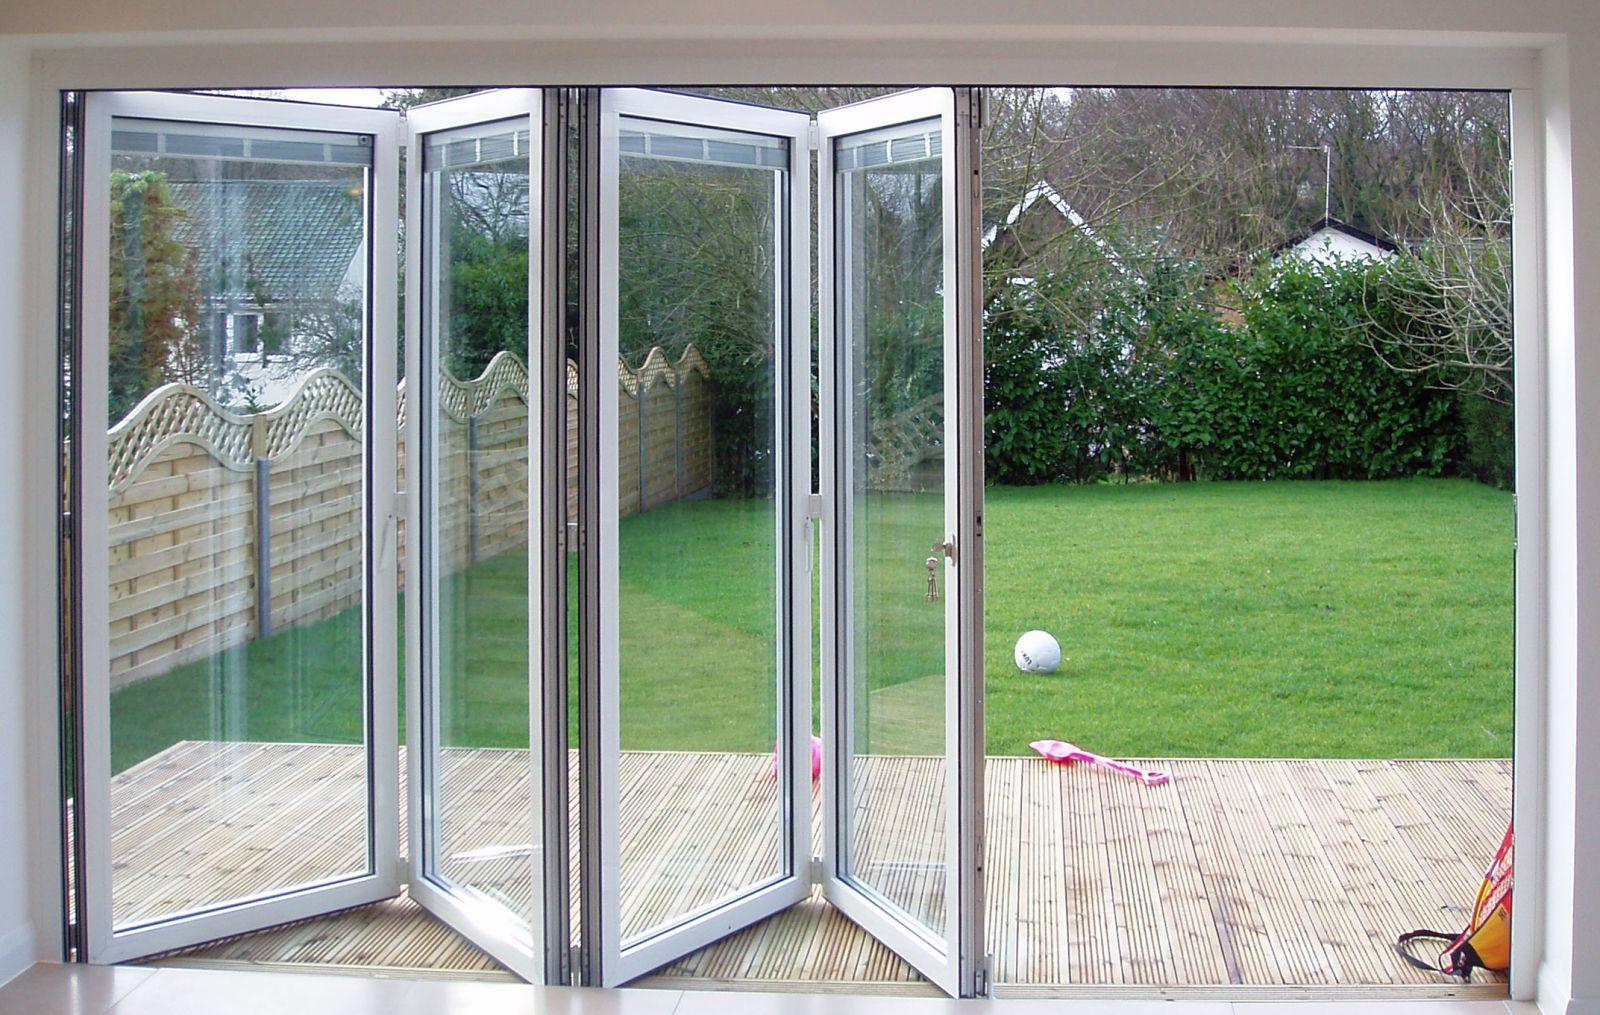 Crea maravillosas puertas de salida al jard n con las for Puertas jardin aluminio